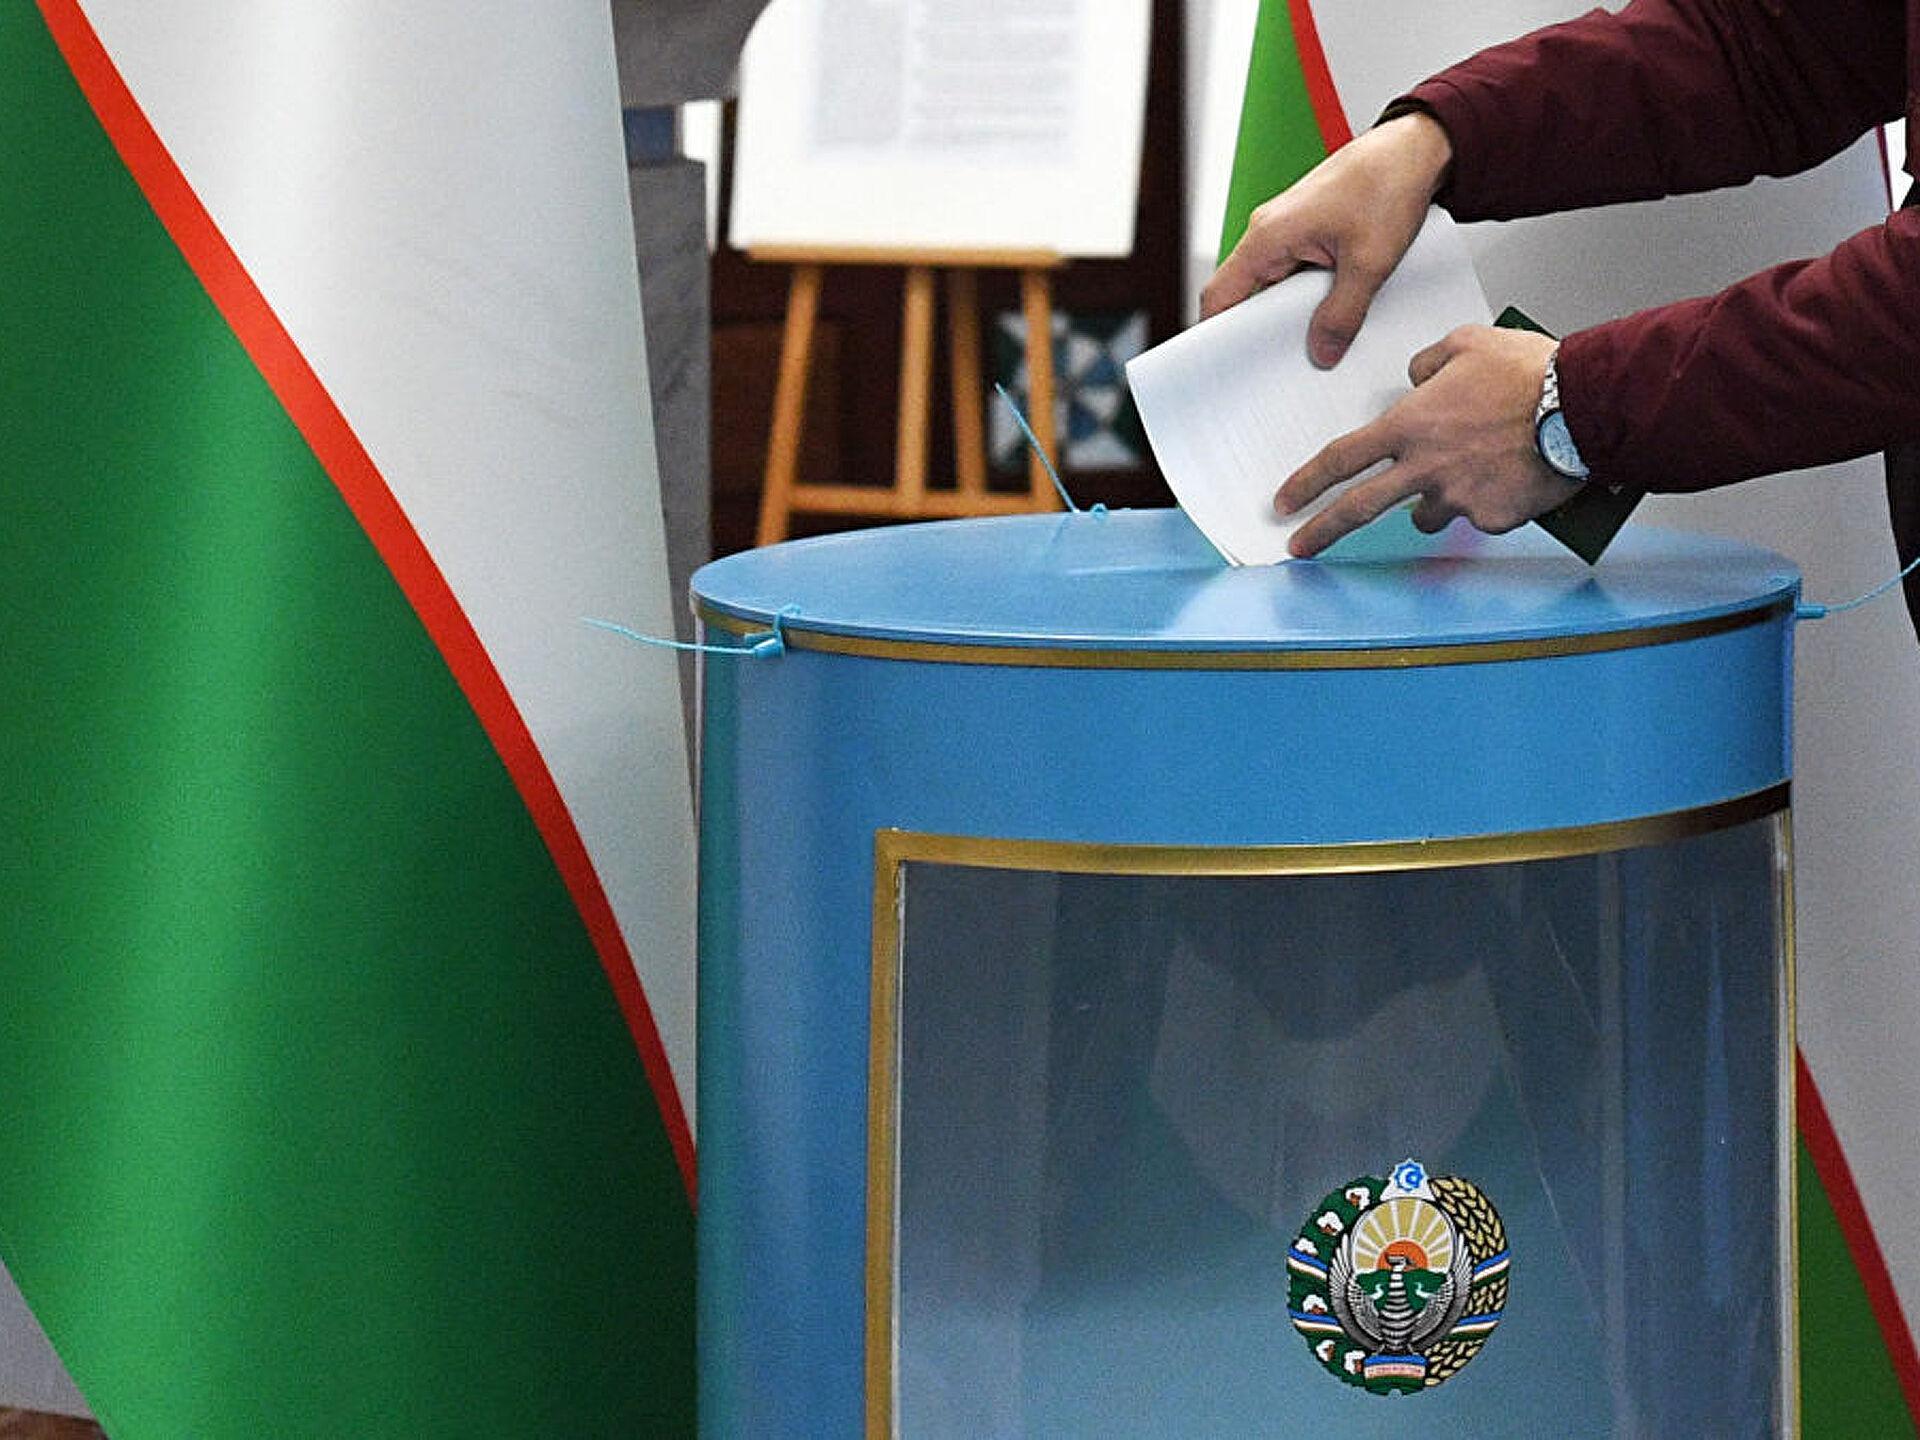 В ЦИК рассказали, сколько молодежи сможет проголосовать на выборах президента Узбекистана